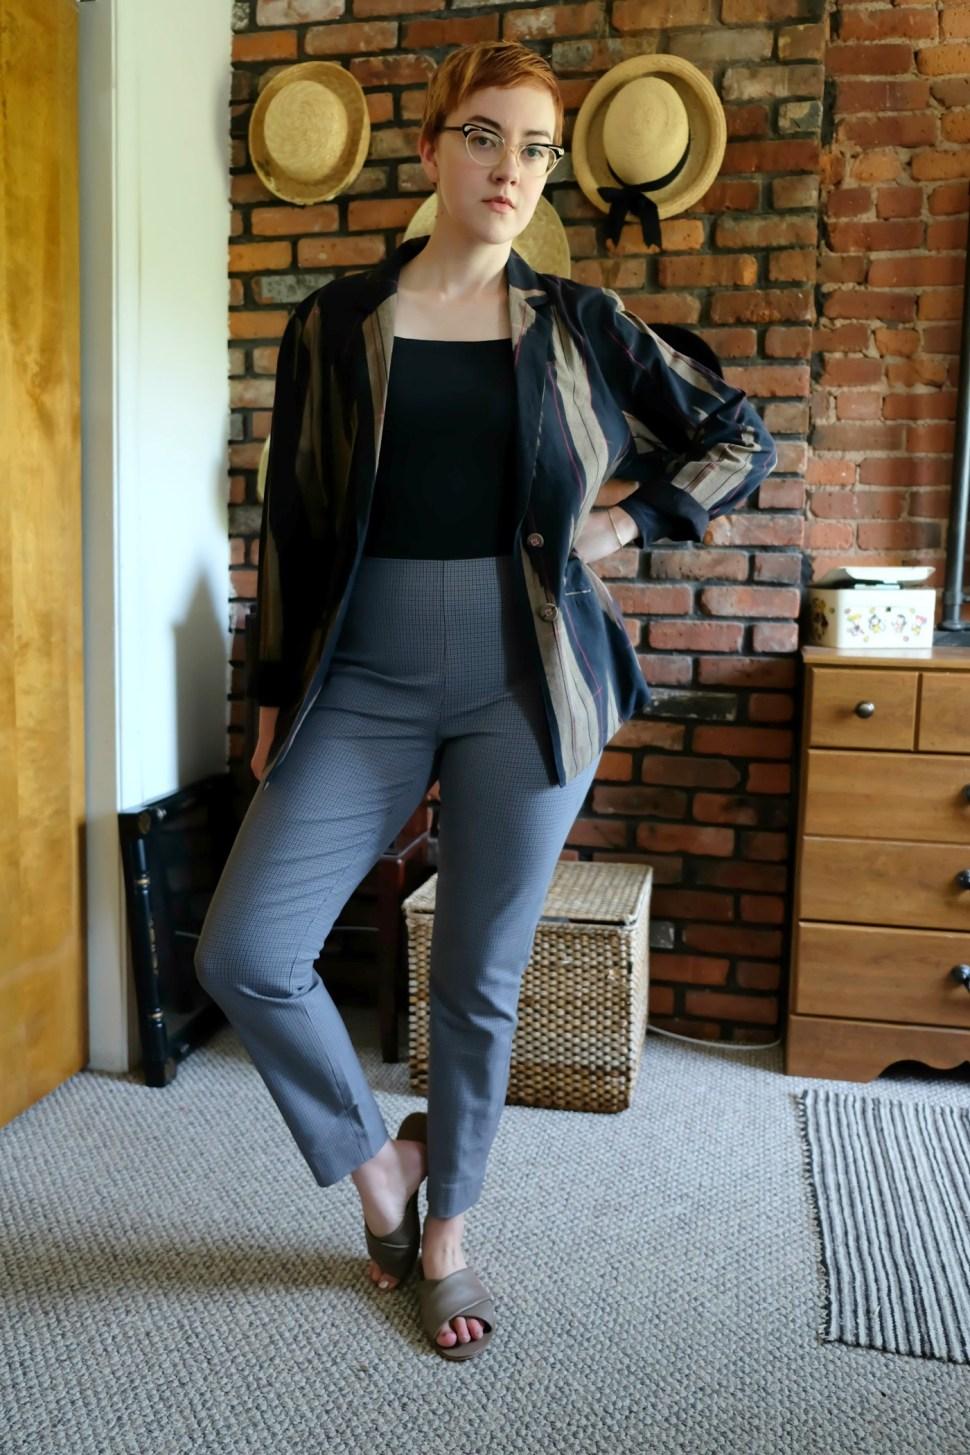 Outfit Details:  Bodysuit  - Everlane;  Pants  - c/o Everlane;  Sandals  - Everlane; Blazer - c/o  MATTER Prints